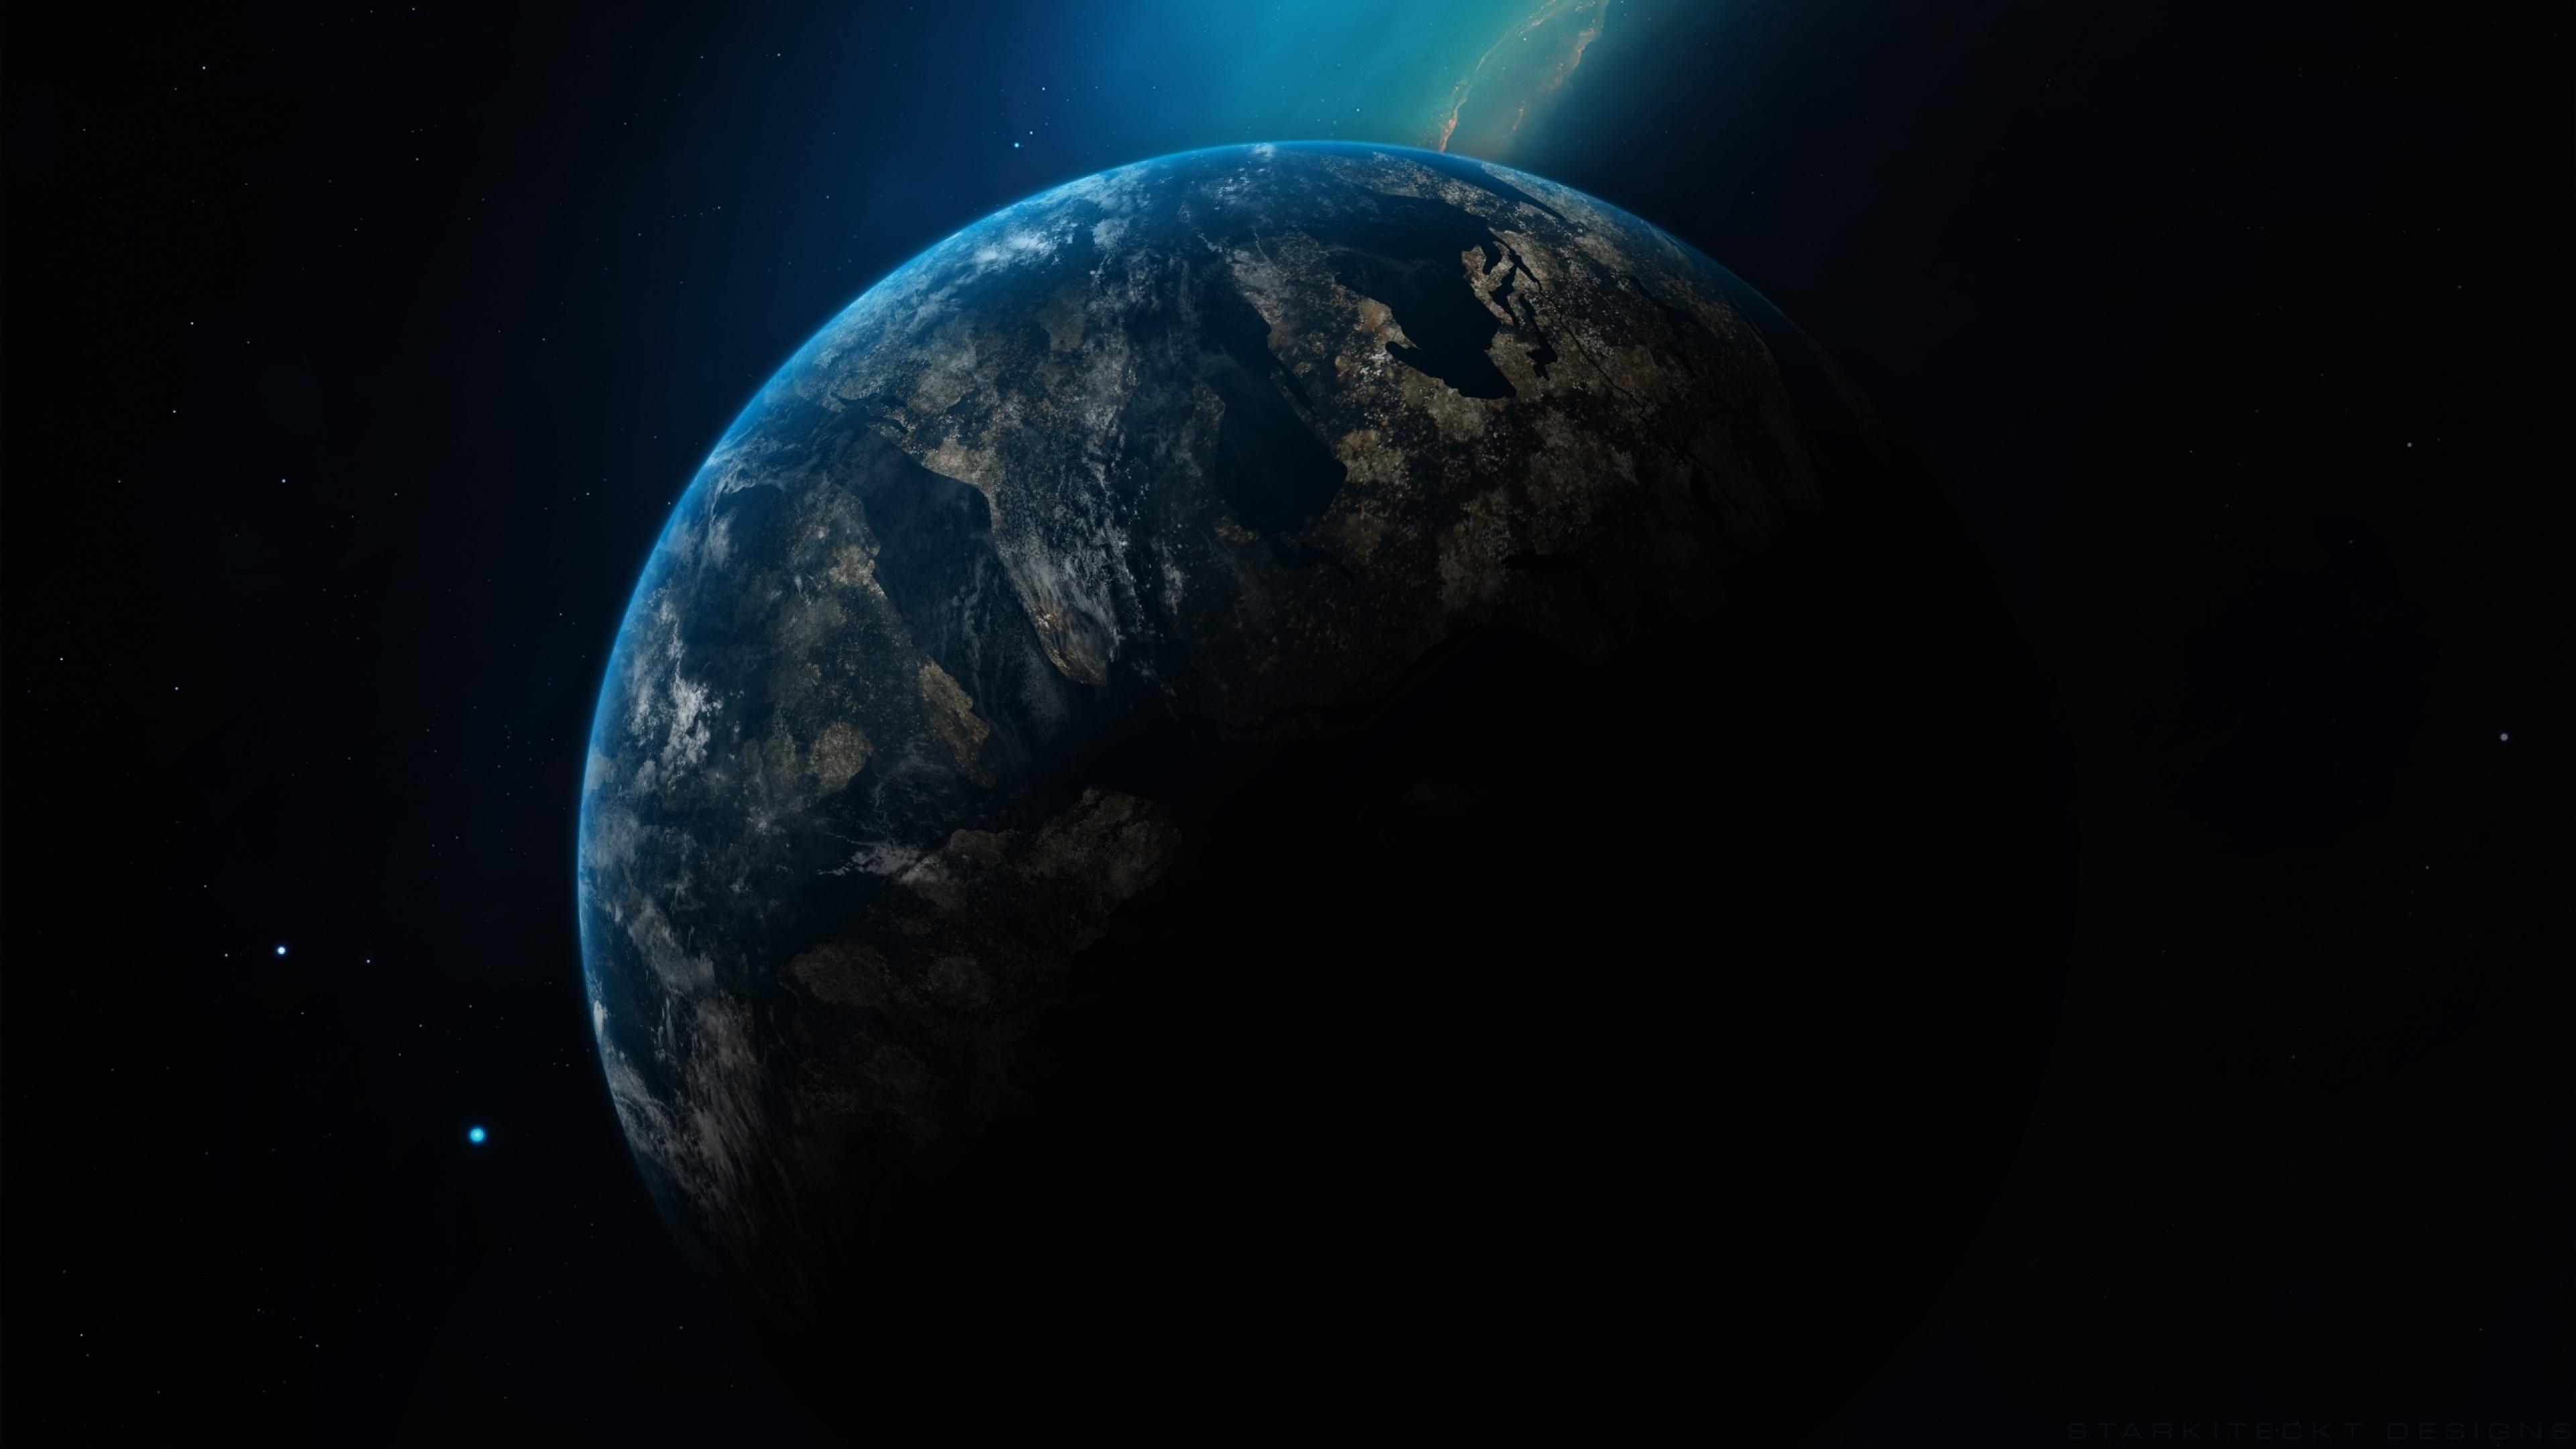 3840x2160 Planet Earth In Dark Universe 4k Wallpaper Hd